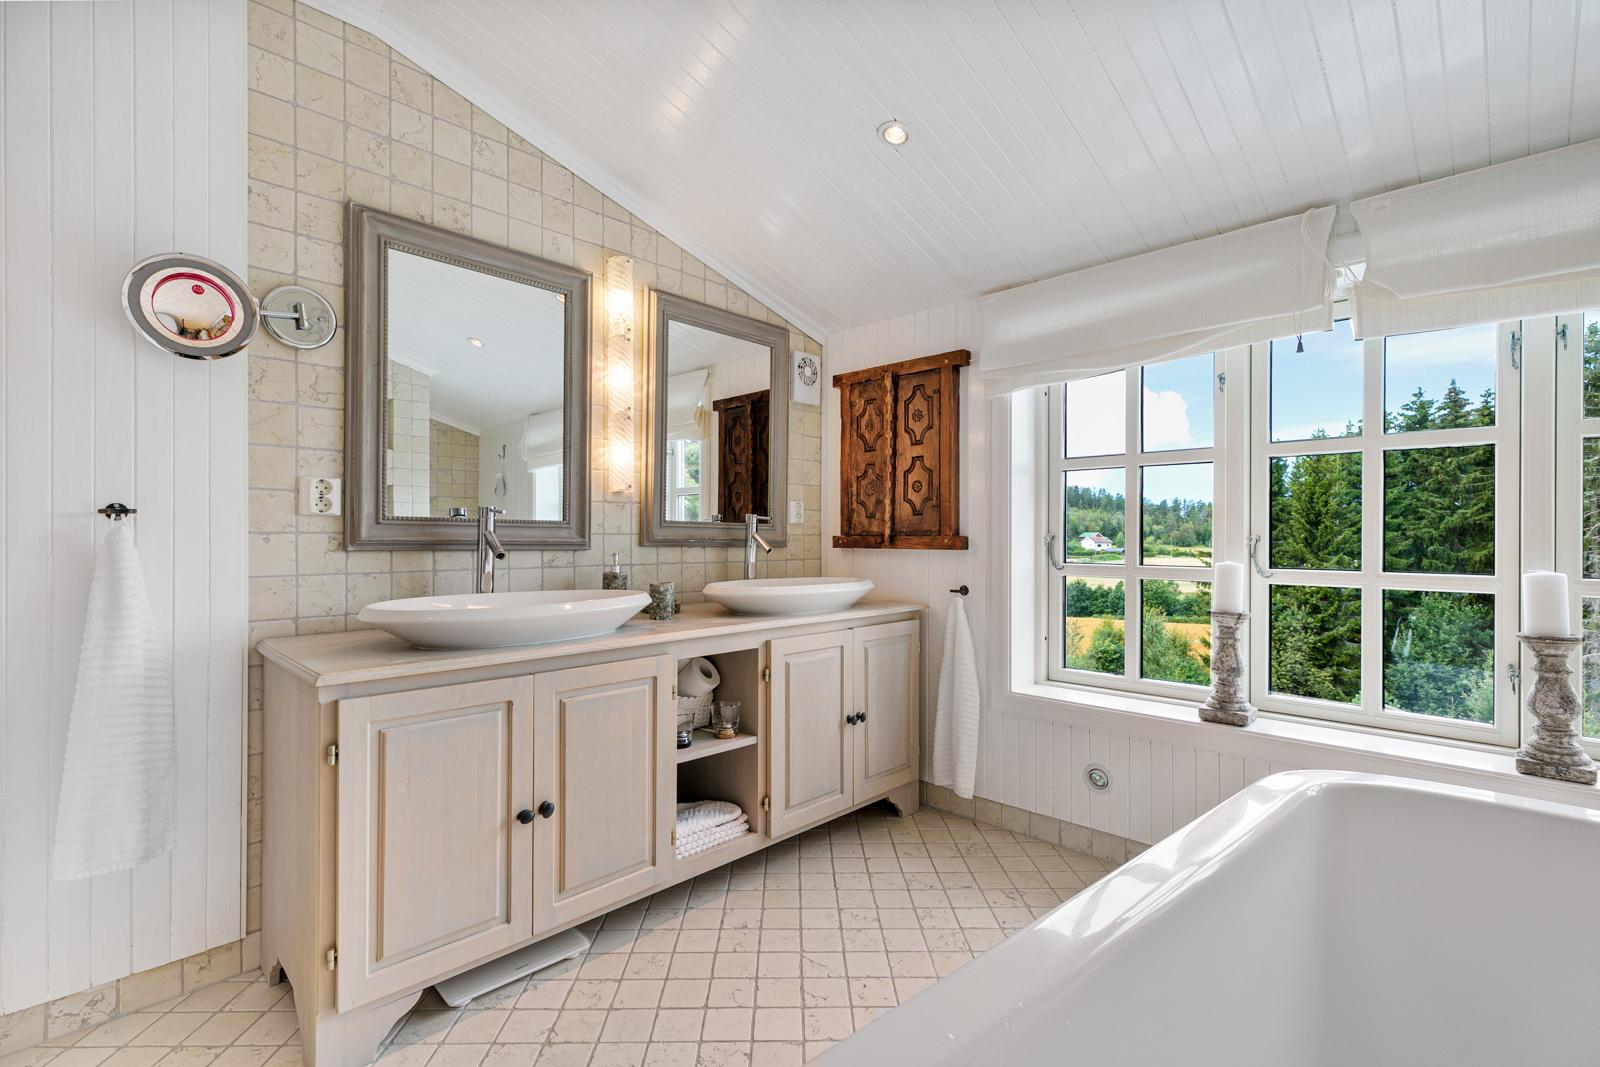 Badet i 2. etasje er stort med badekar, dusj, dobbel servant og toalett